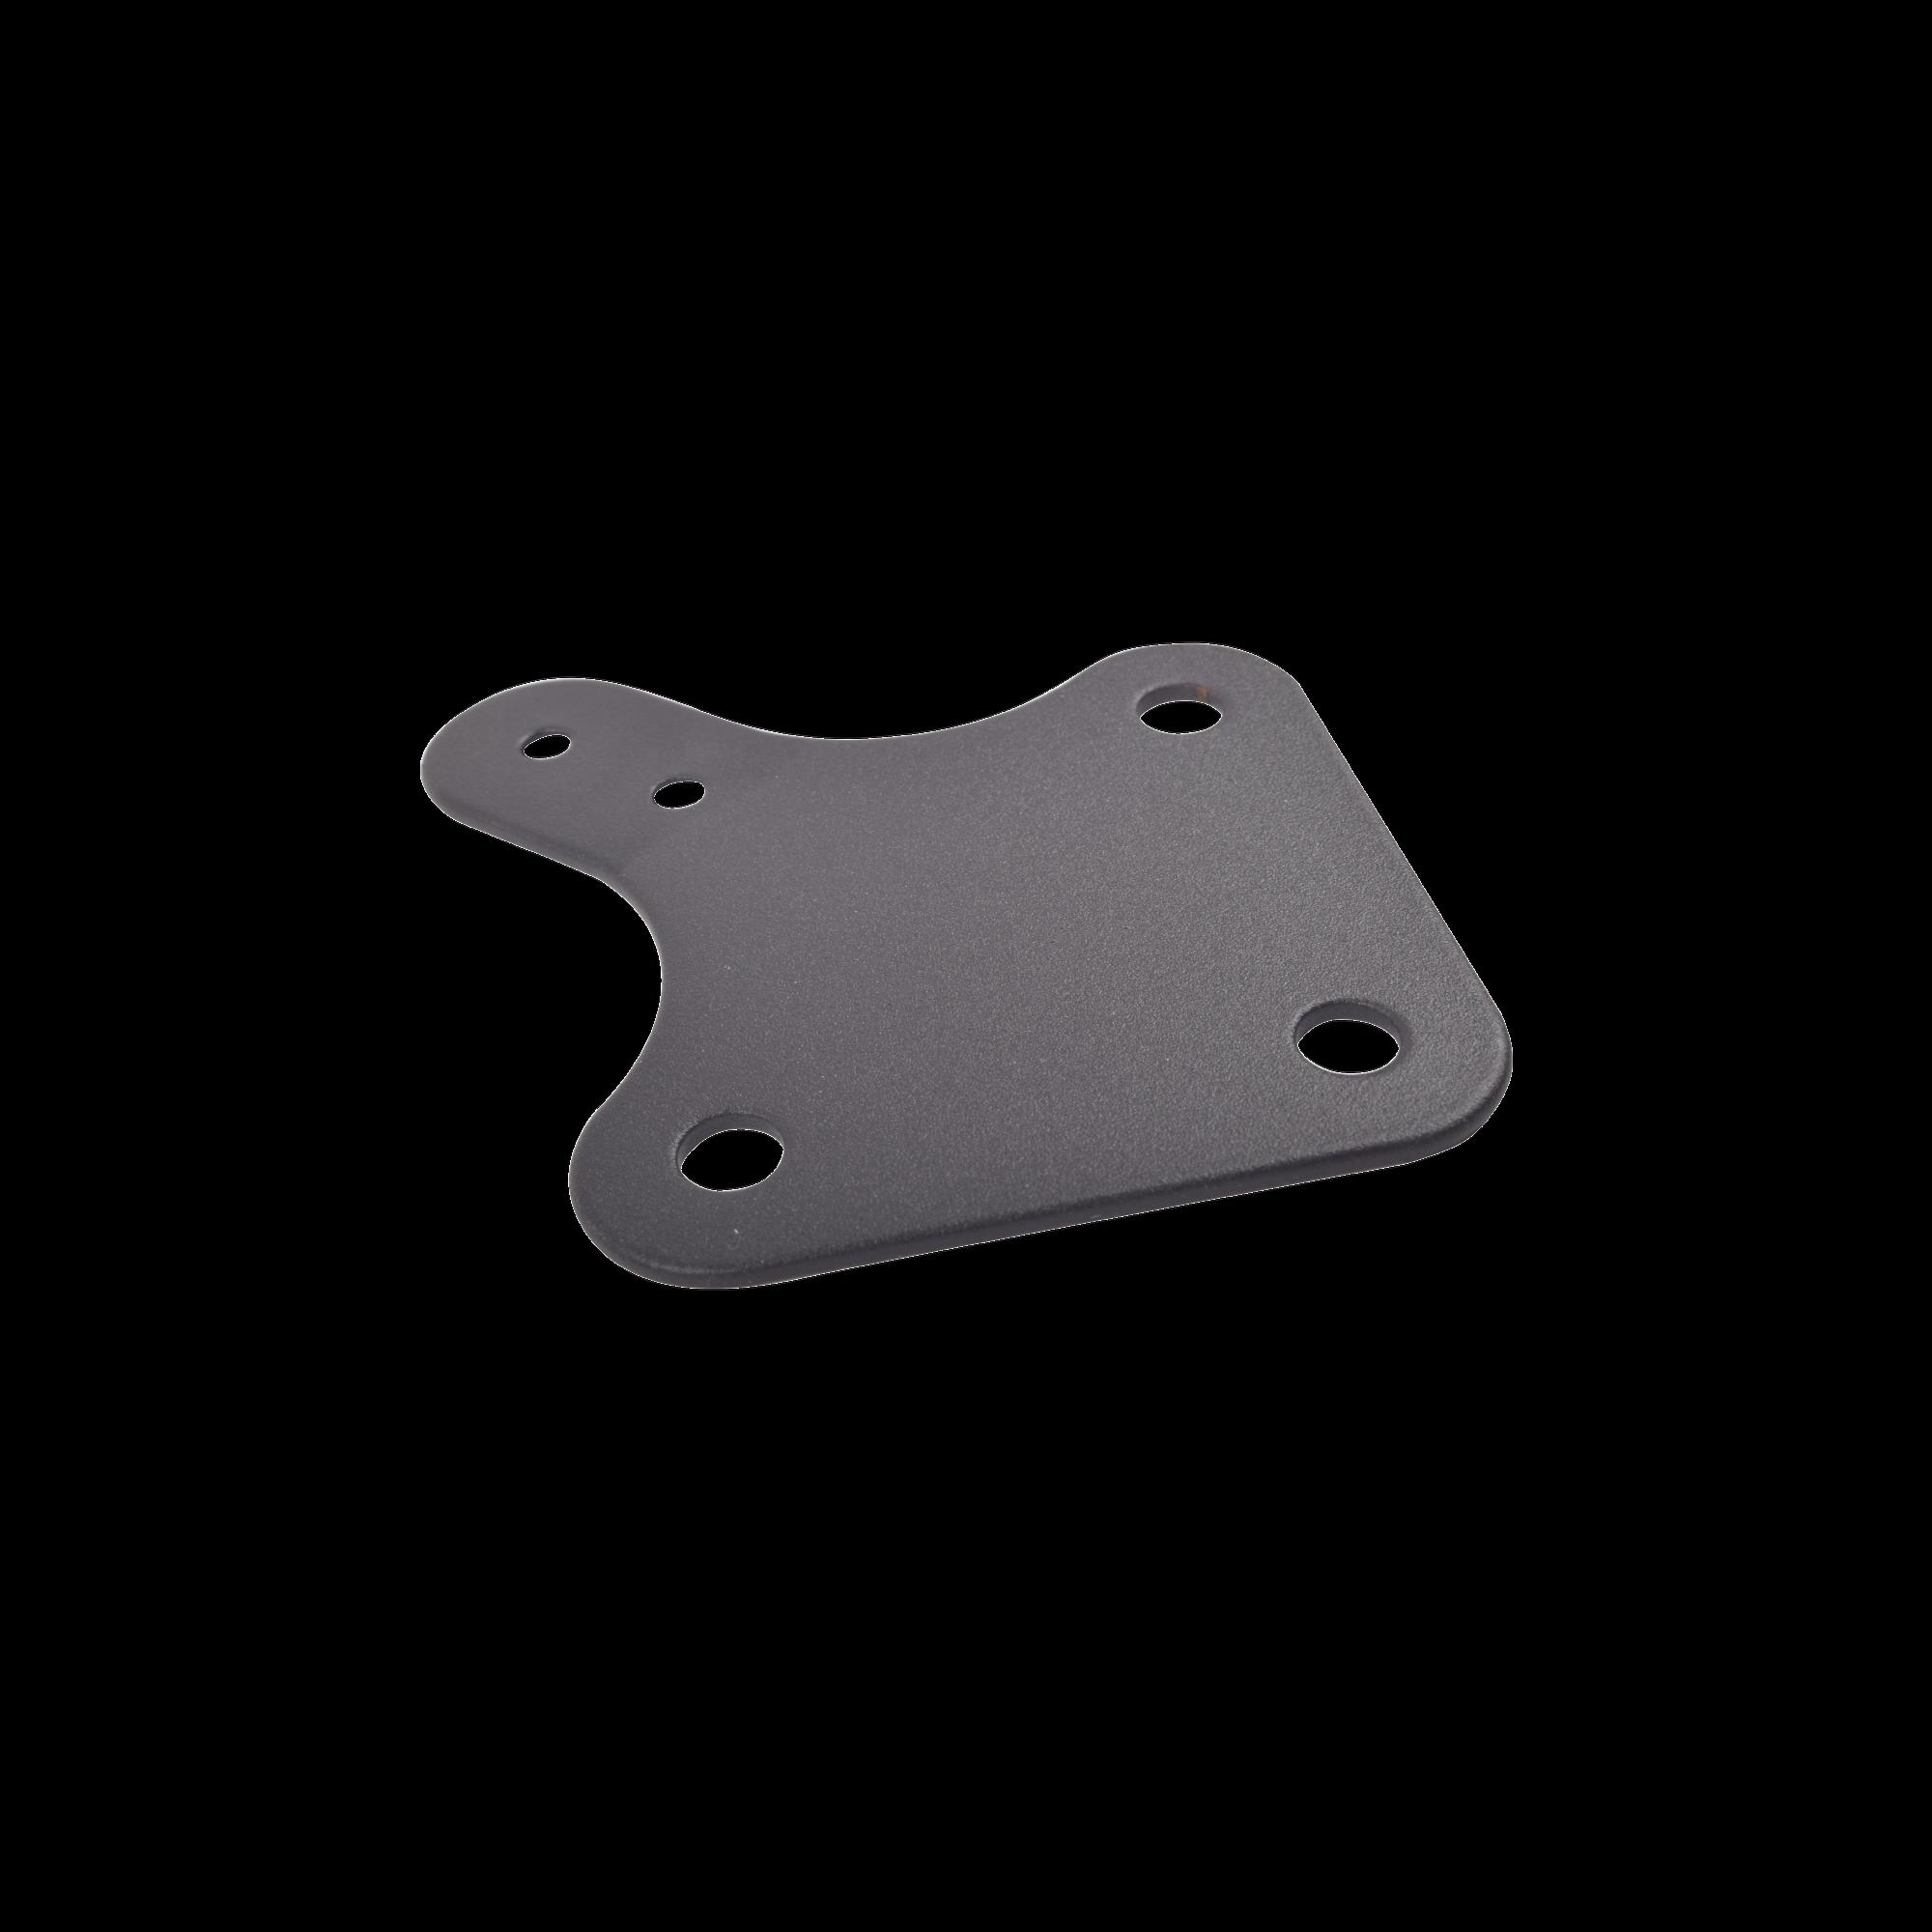 Soporte adicional para montajes EPS710ED,EPS710FW